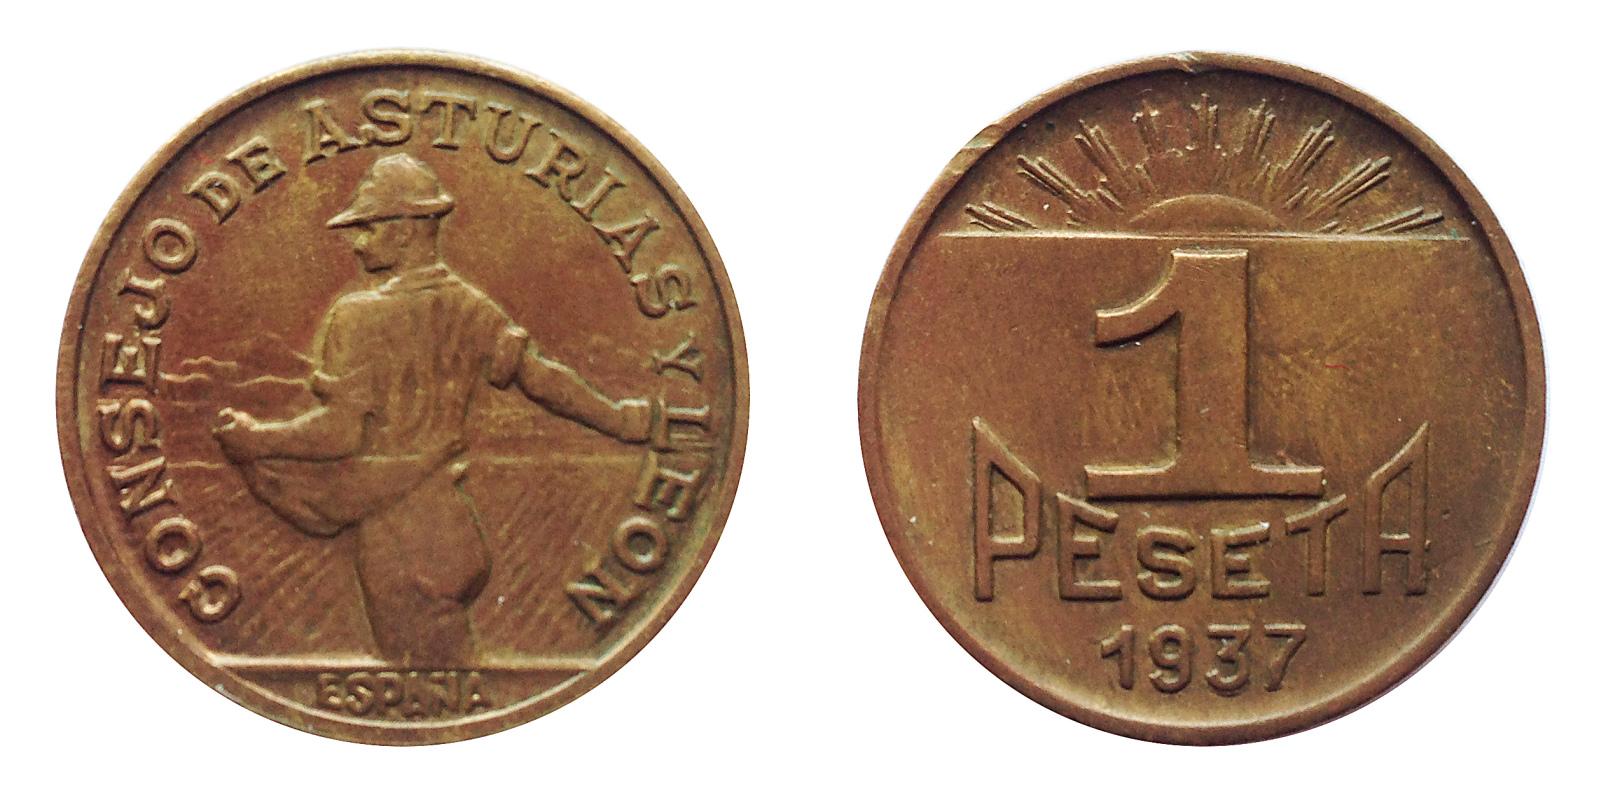 1 peseta 1937. Consejo de Asturias y León. 2lkz71s